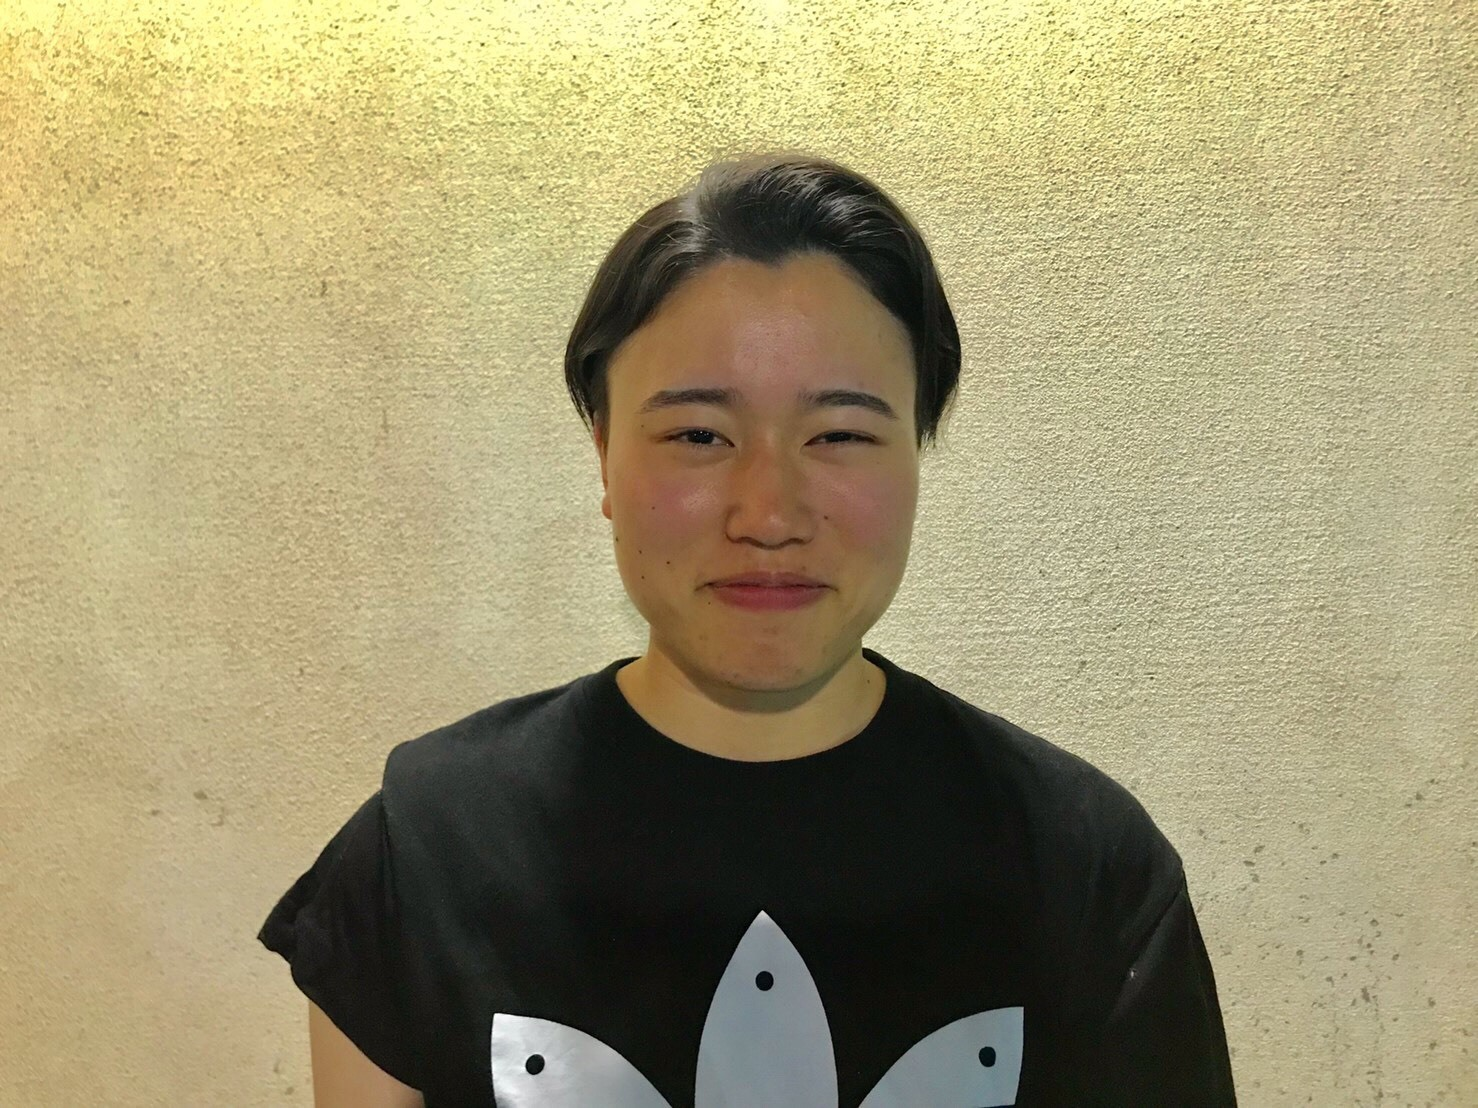 大阪体育大学戦/フレッシュマン紹介③_e0137649_20385836.jpg